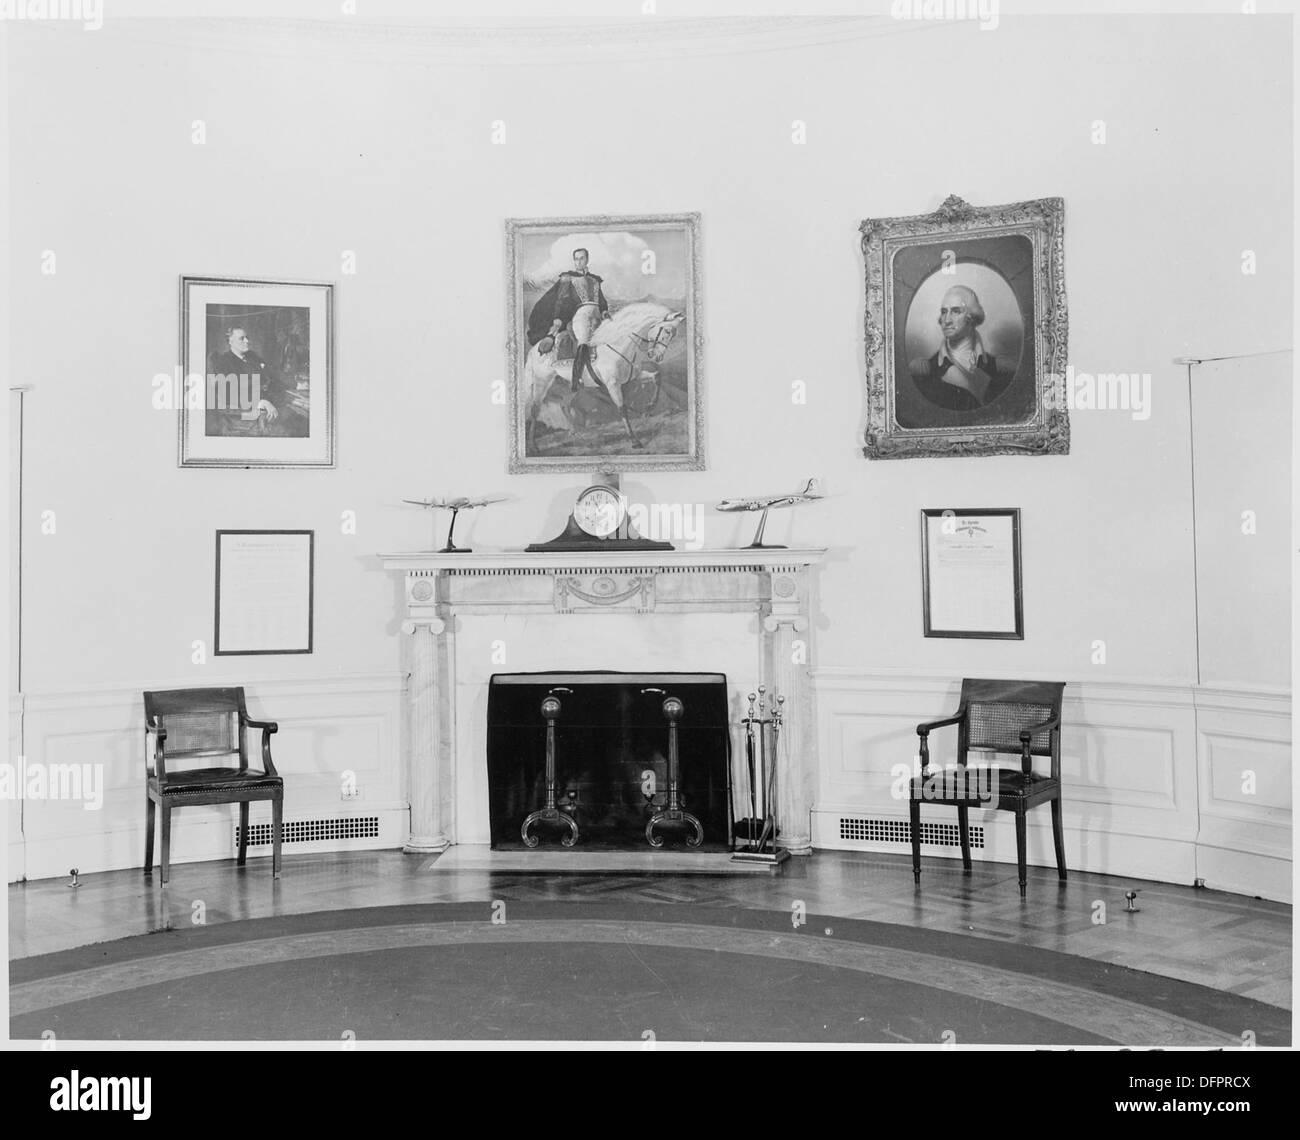 photographie de la cheminée dans le bureau ovale de la maison